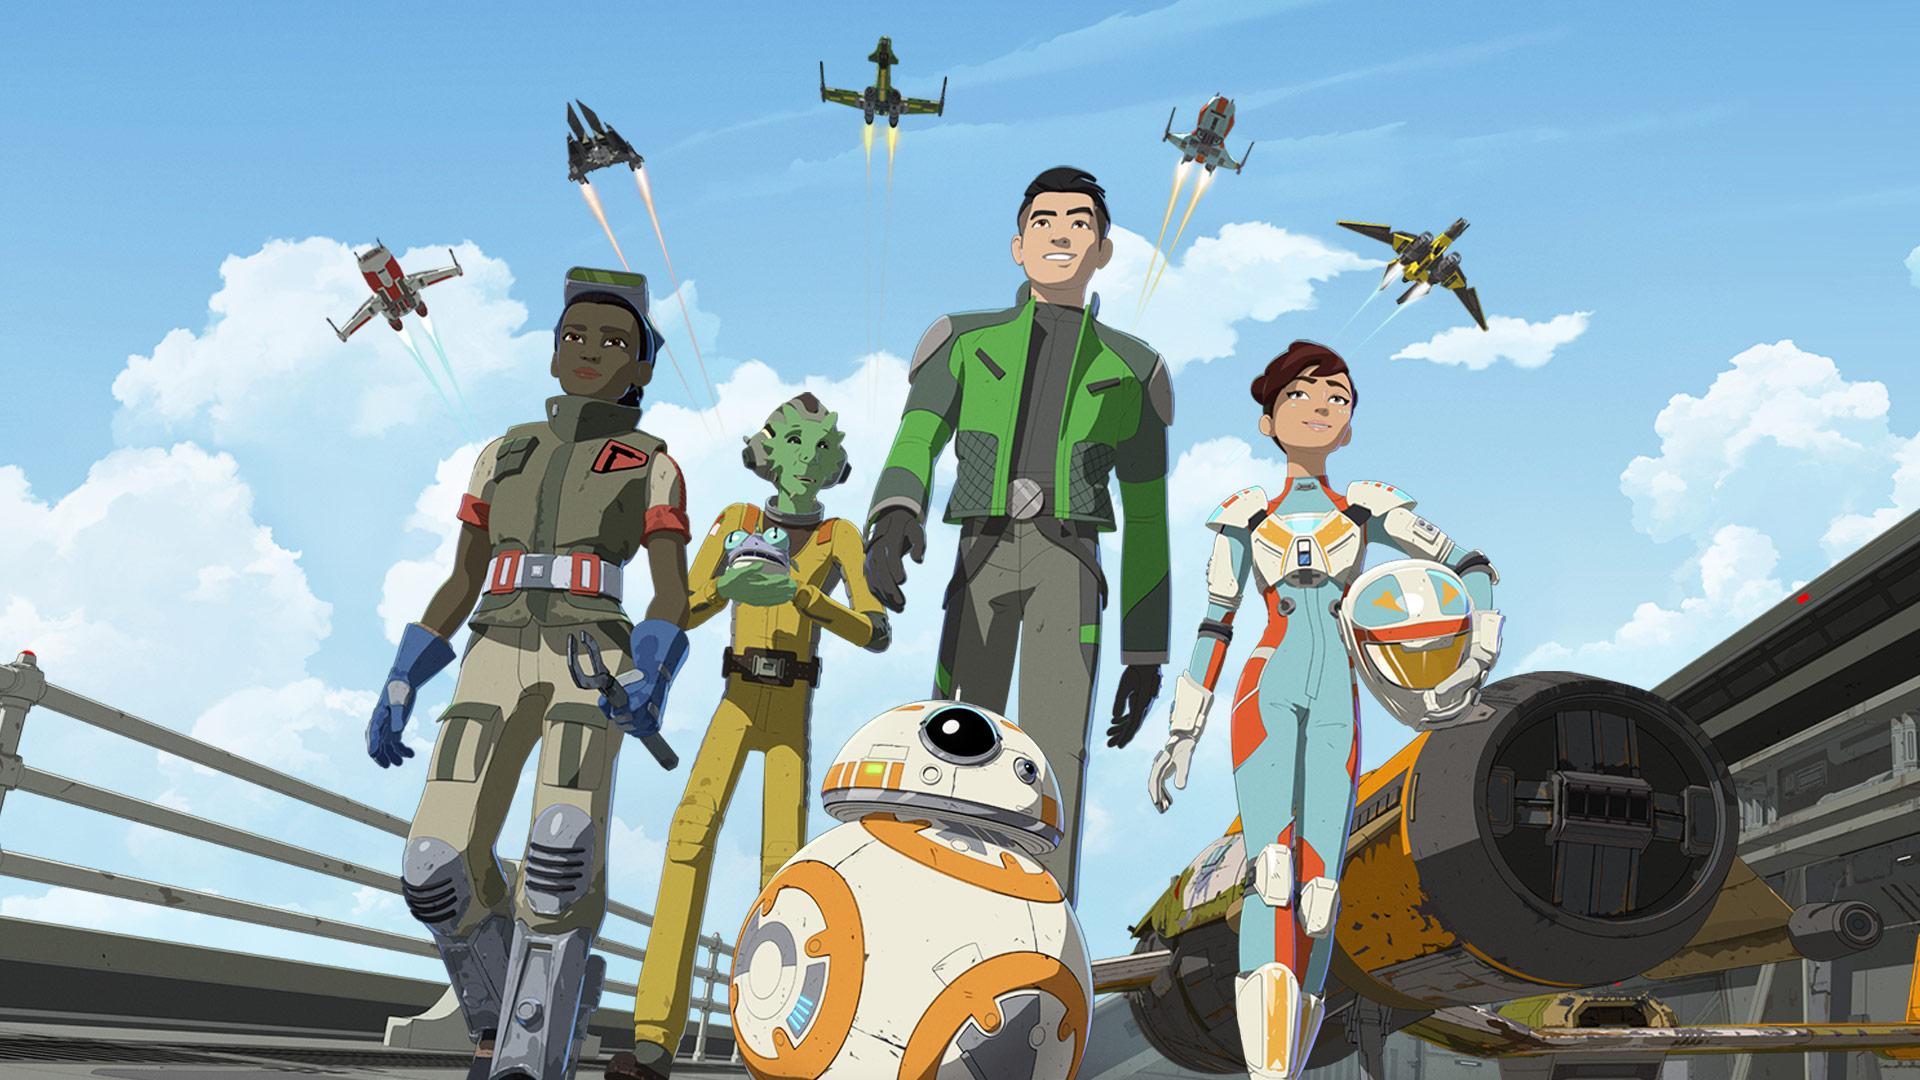 Новости Звездных Войн (Star Wars news): За неделю до премьеры вышел расширенный трейлер анимационного сериала Star Wars Resistance / «Звездные войны: Сопротивление»